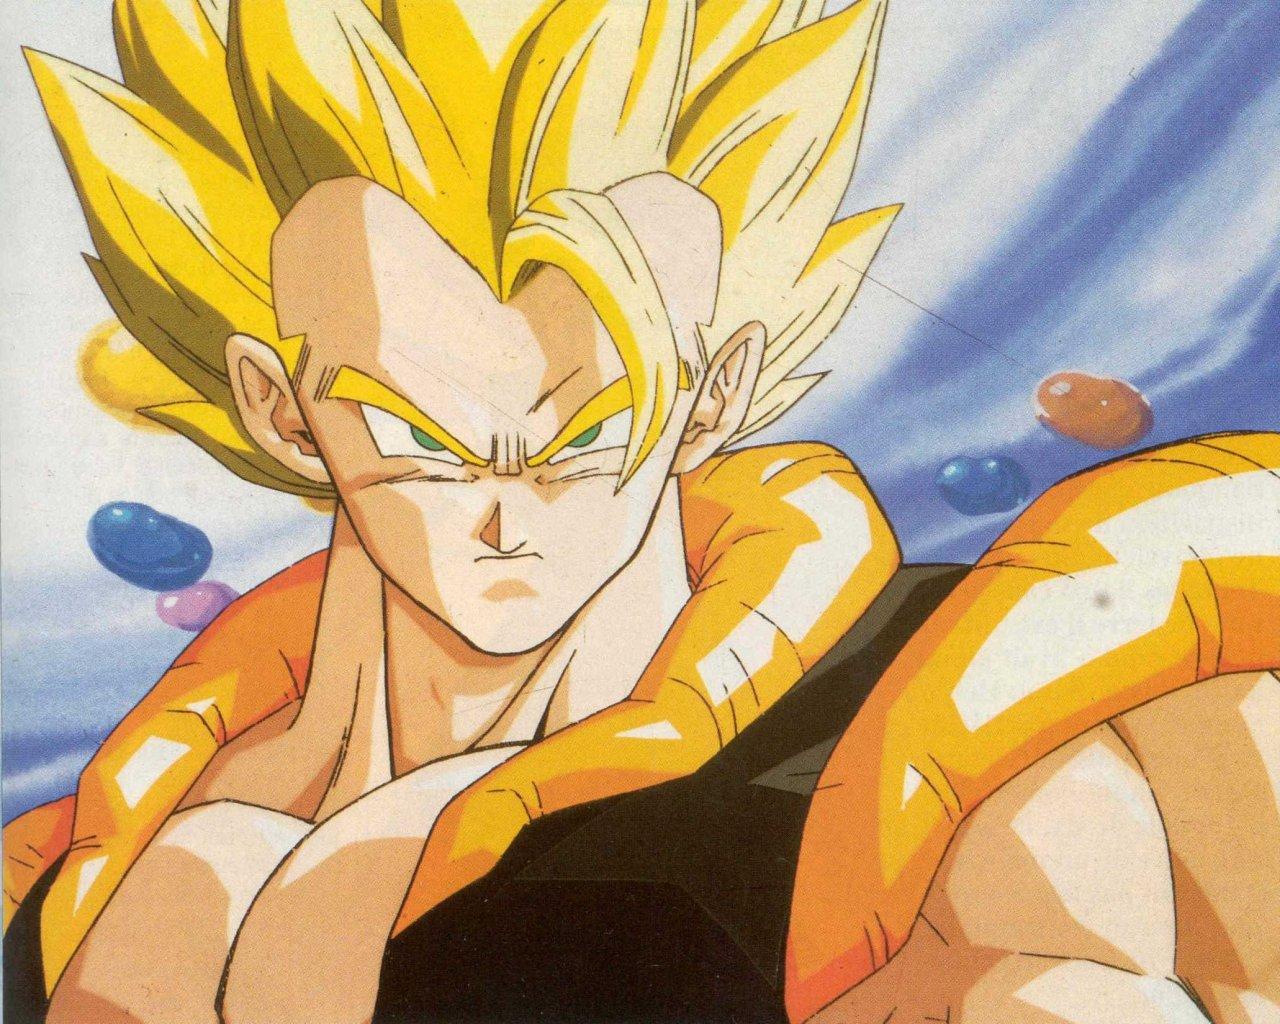 Dessins En Couleurs à Imprimer Son Goku Numéro 19838